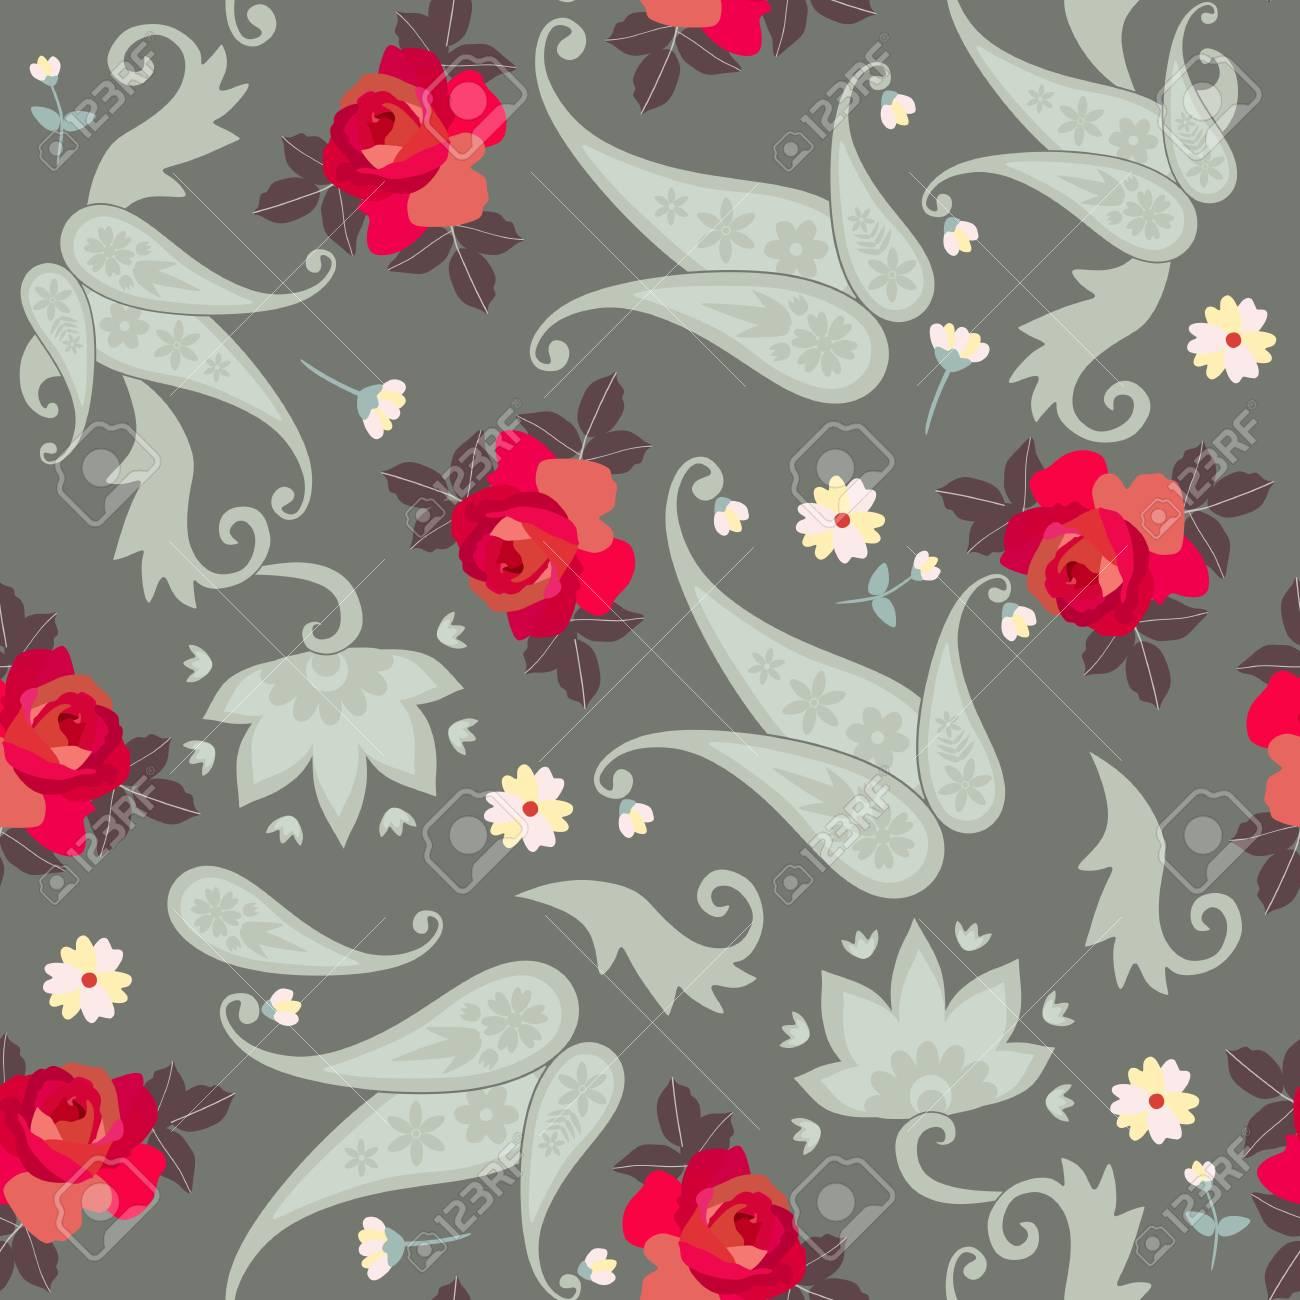 赤いバラと小さな花とヴィンテージシームレスペイズリーパターン ...